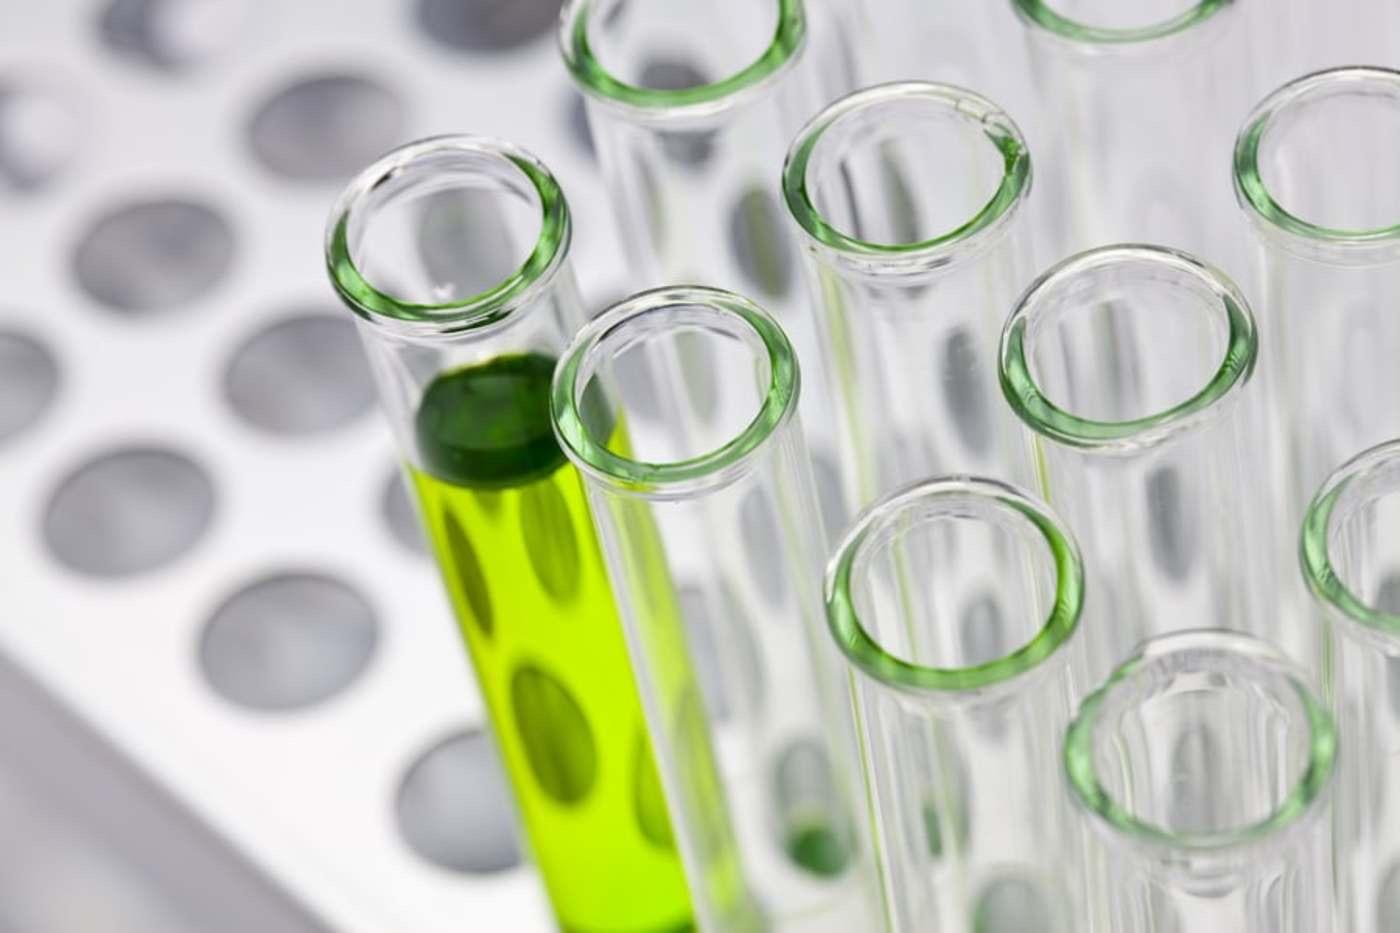 北大团队披露重磅研究成果:甘草苷可抑制新冠病毒复制